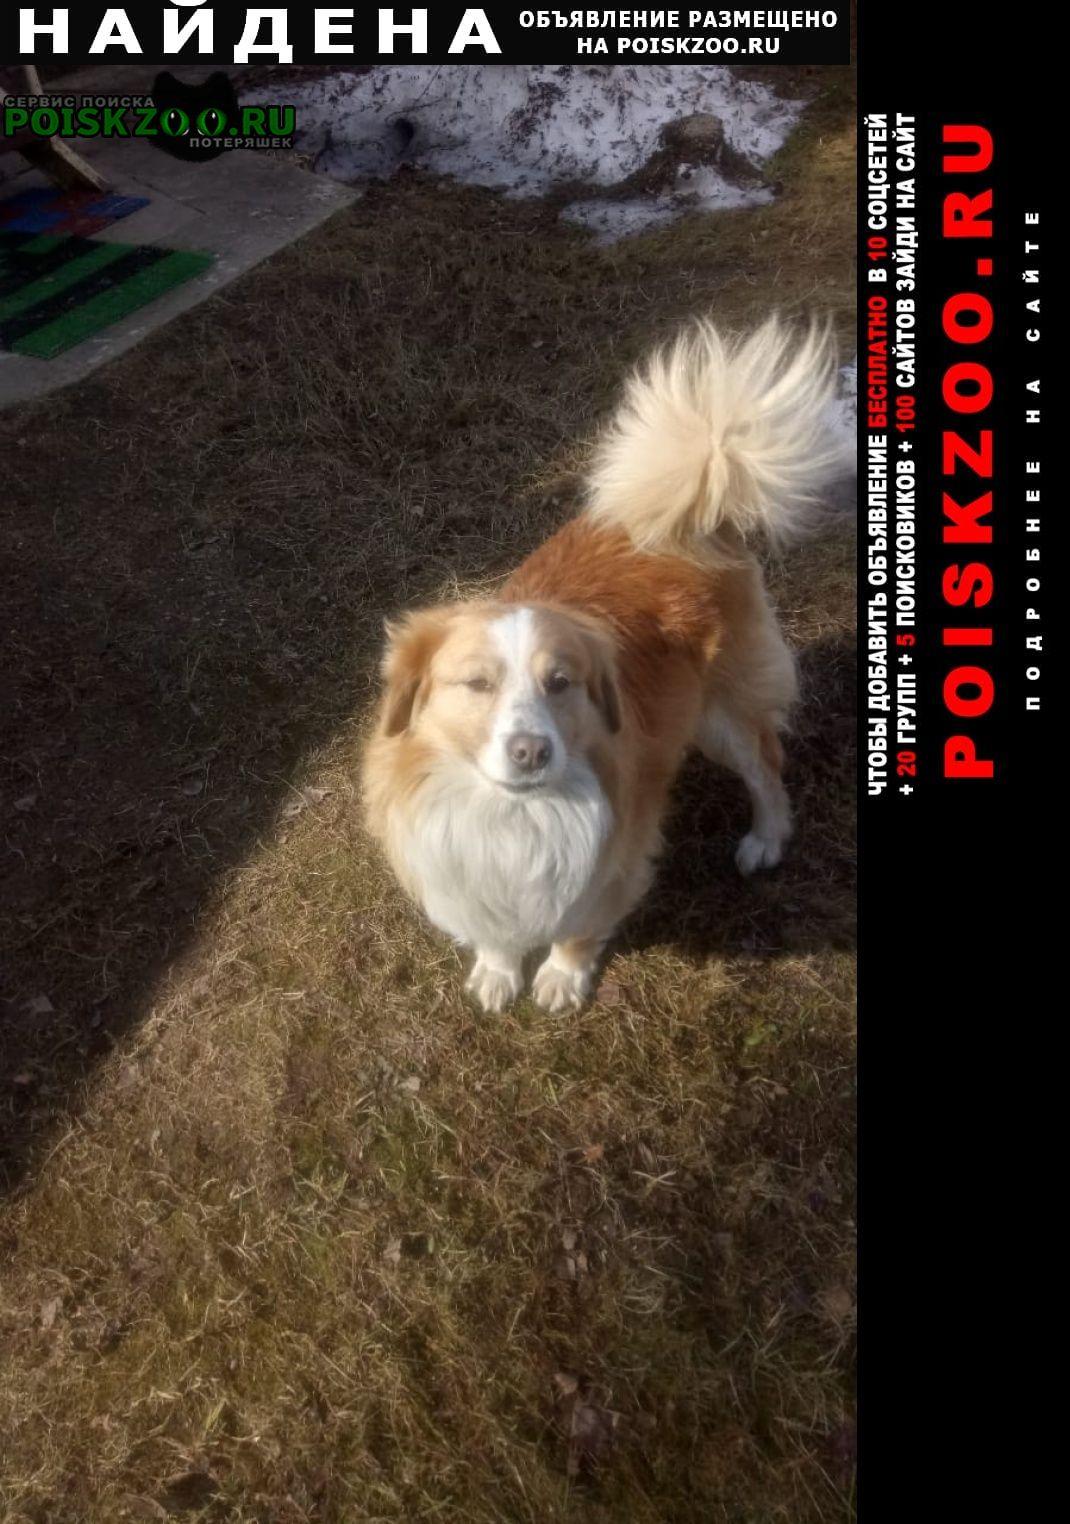 Найдена собака кобель кабель, без ошейника Пушкино